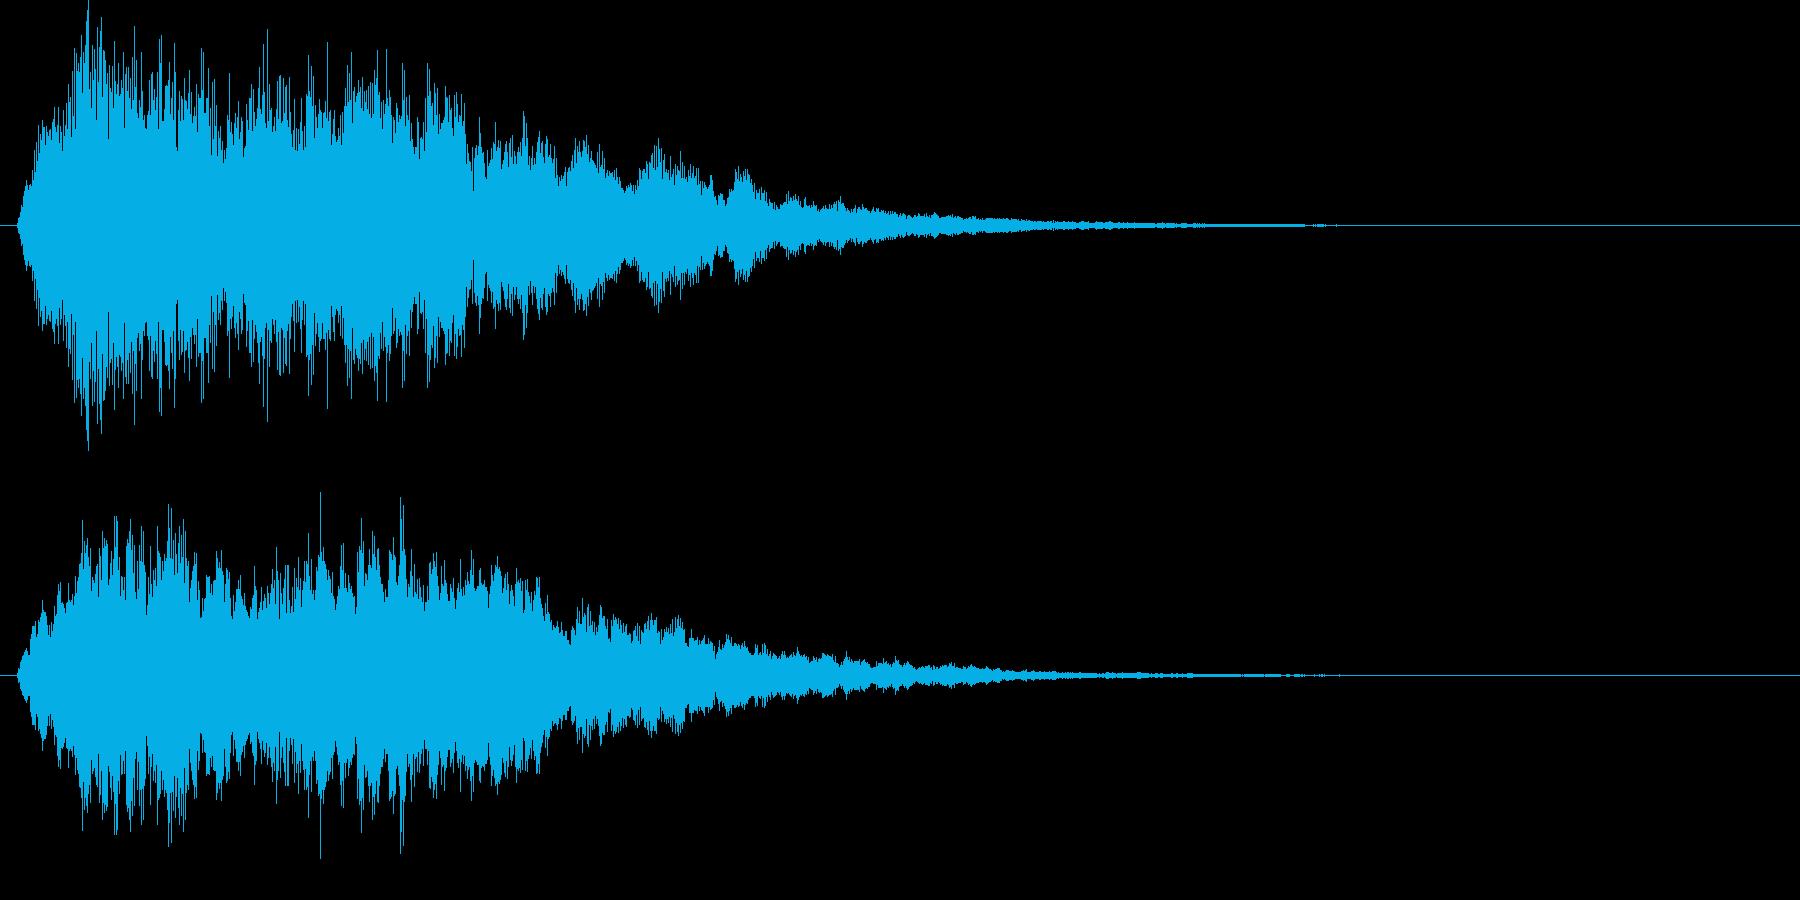 キラキラ上昇↑ シンプル 魔法の再生済みの波形